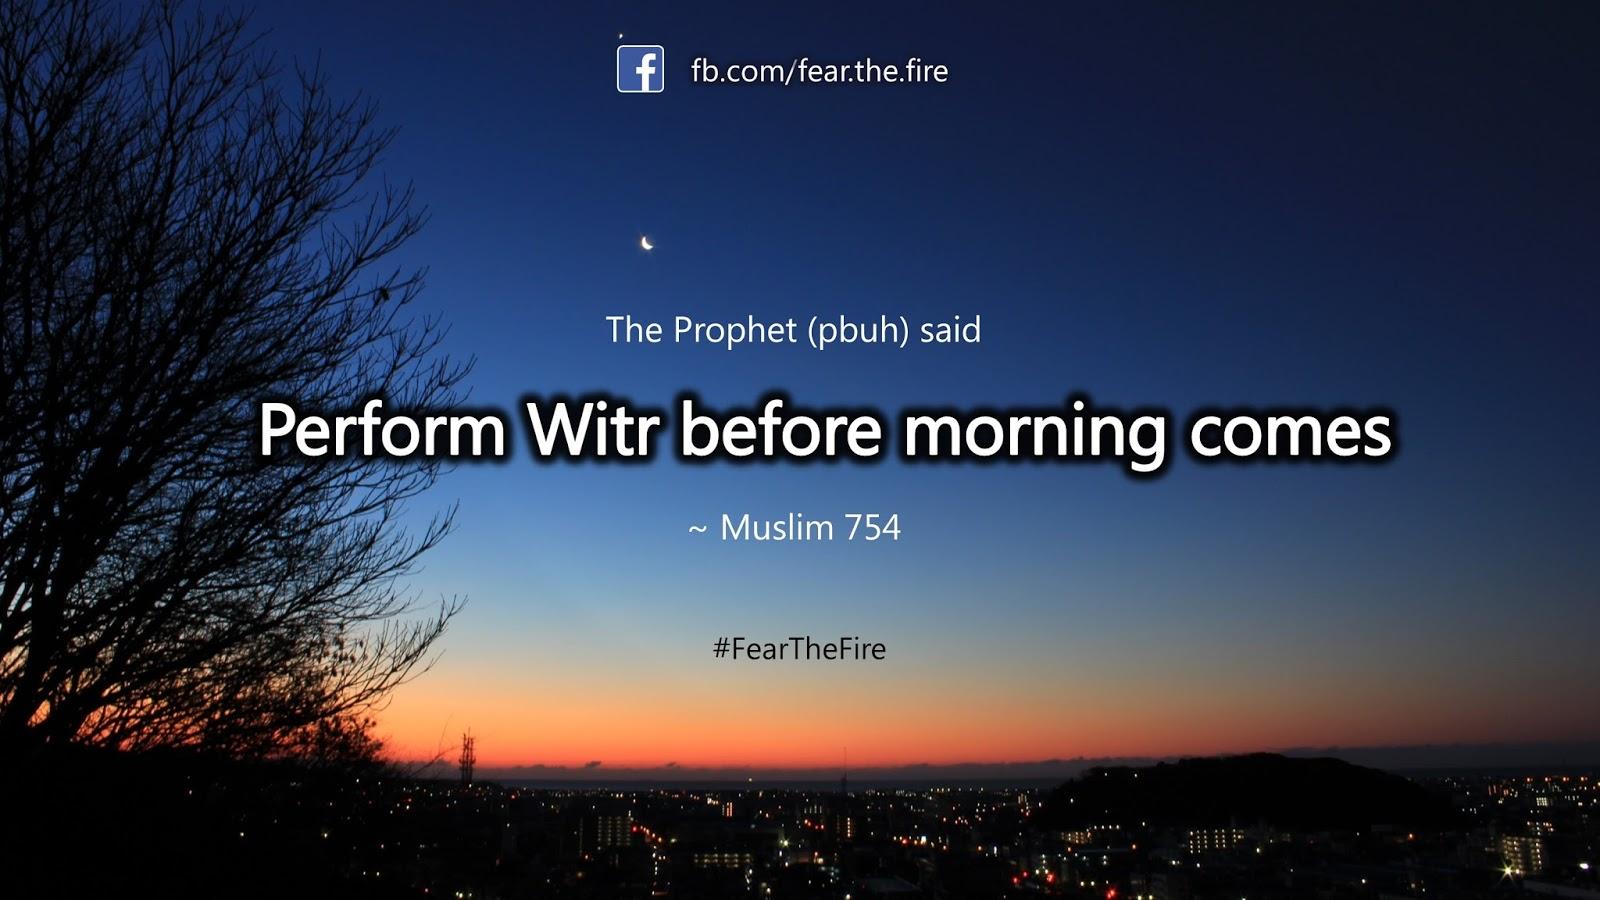 Prayer read at night